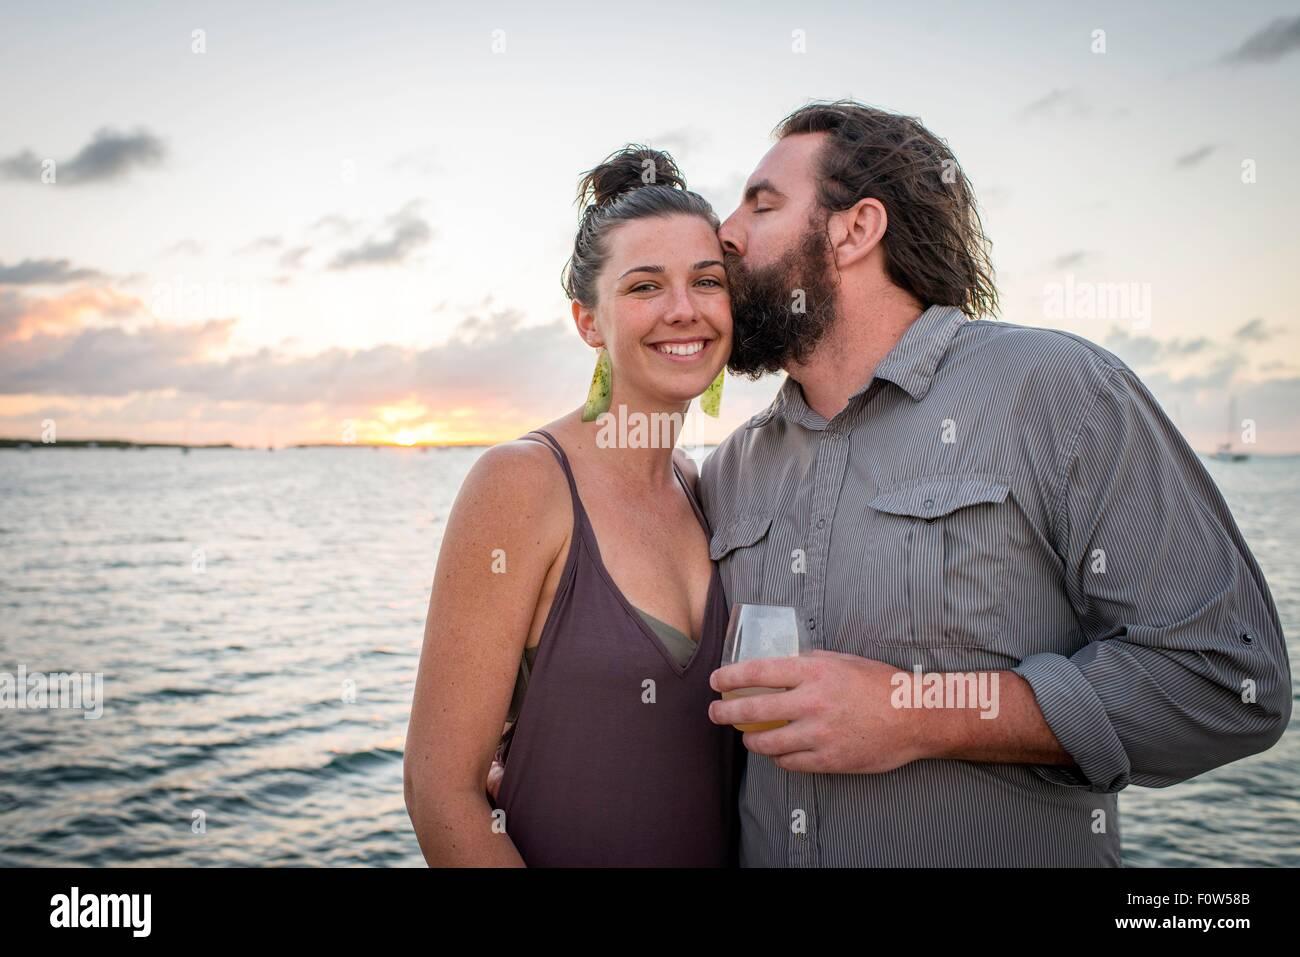 Uomo ragazza baciare sulla guancia a costa, Islamorada, Florida, Stati Uniti d'America Immagini Stock